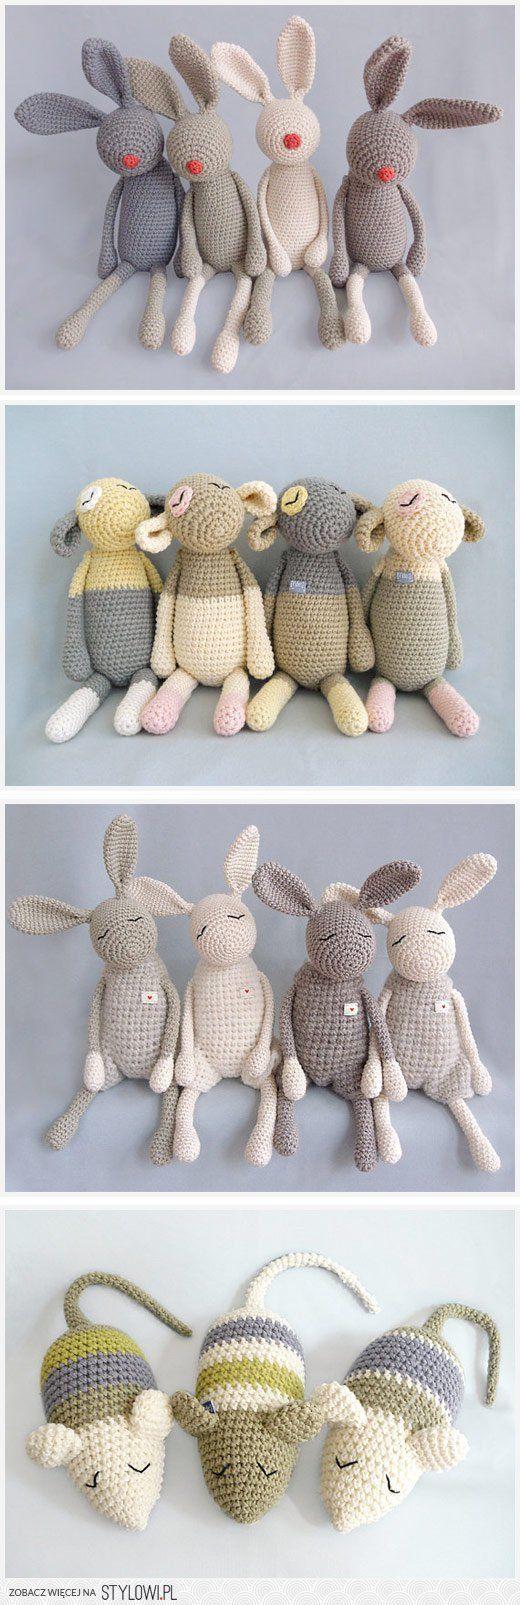 Mejores 60 imágenes de Crochet en Pinterest